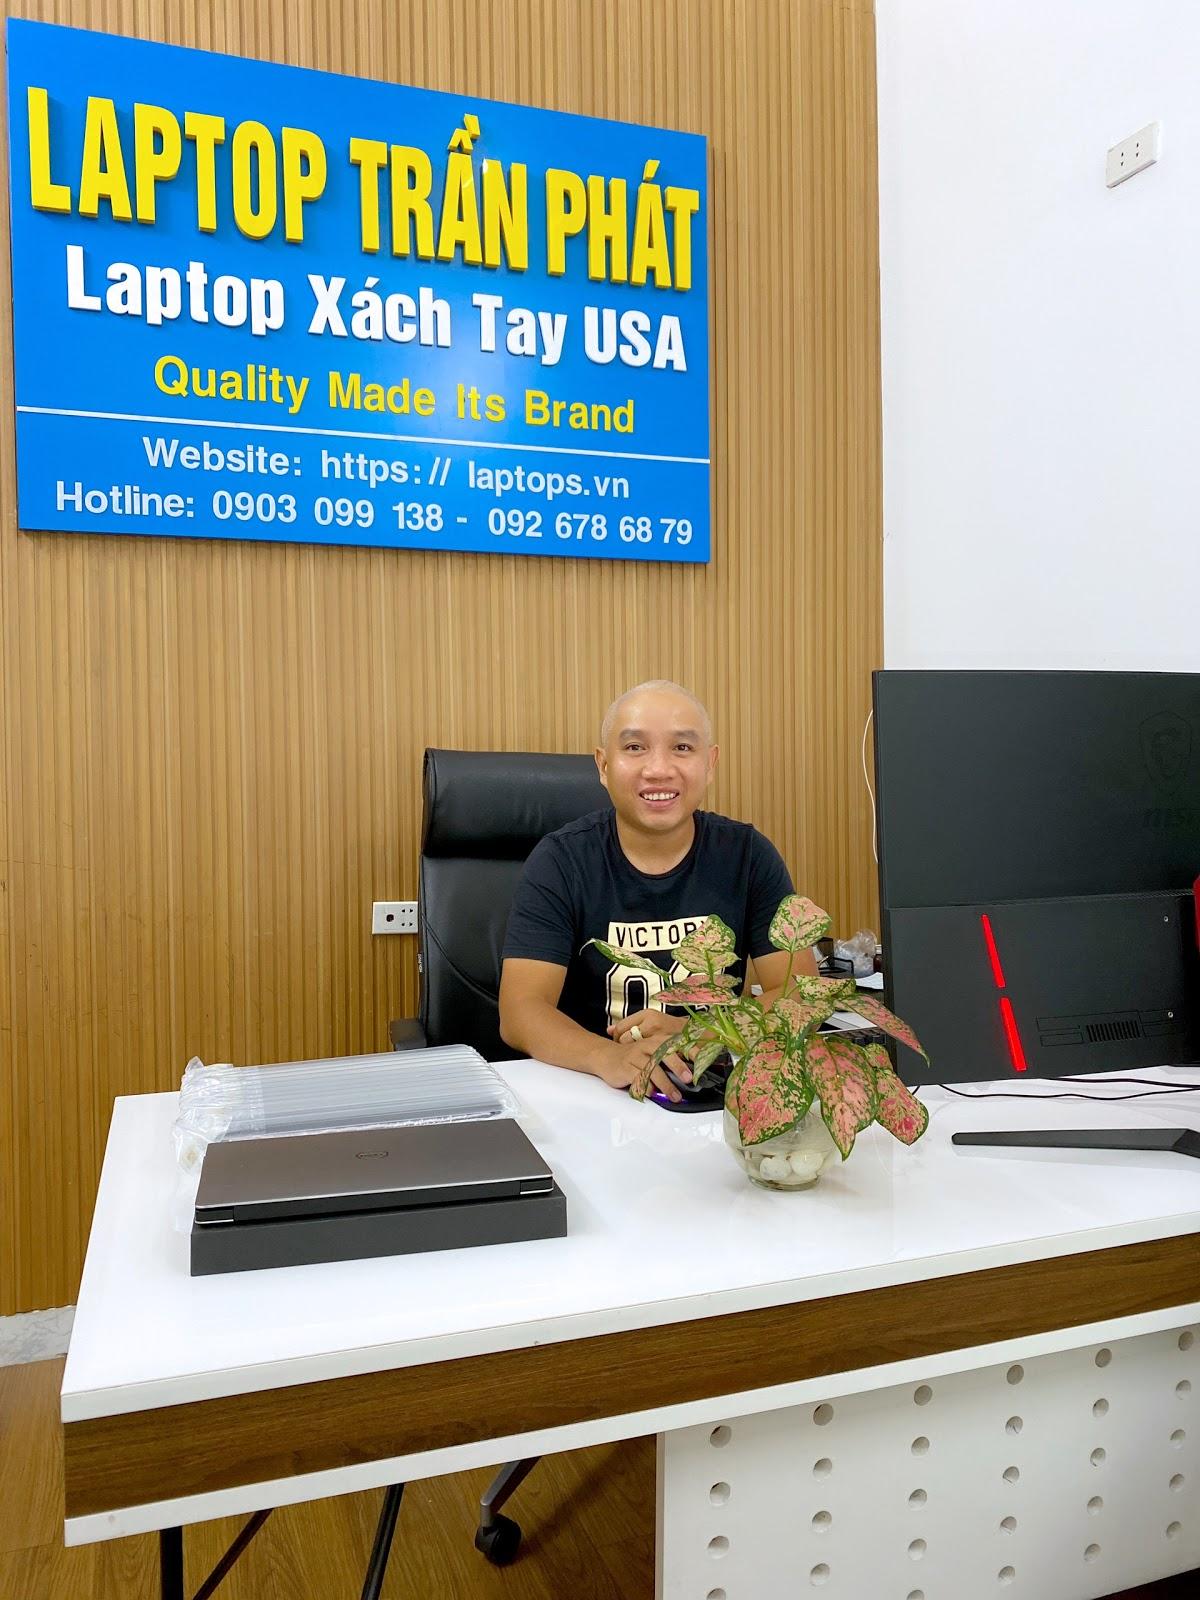 CEO Trần Minh Tuấn Laptop Trần Phát